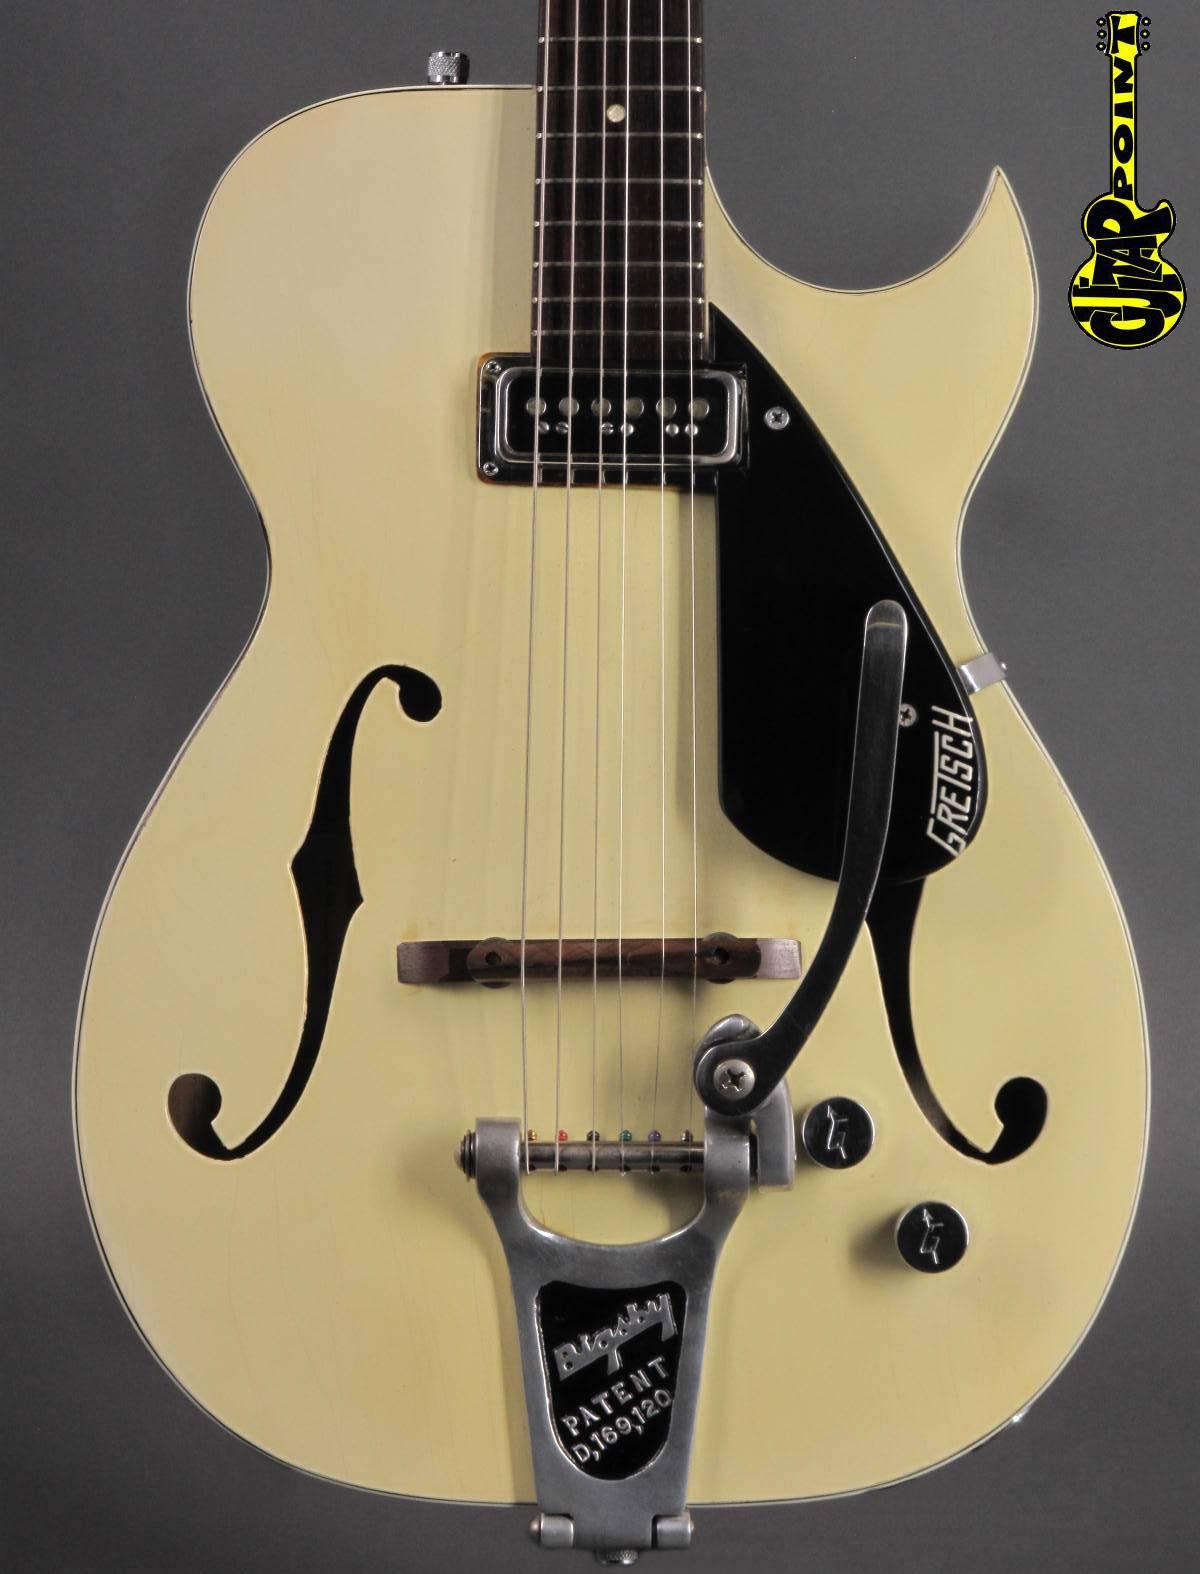 1957 Gretsch 6115 Rambler - Lotus Ivory